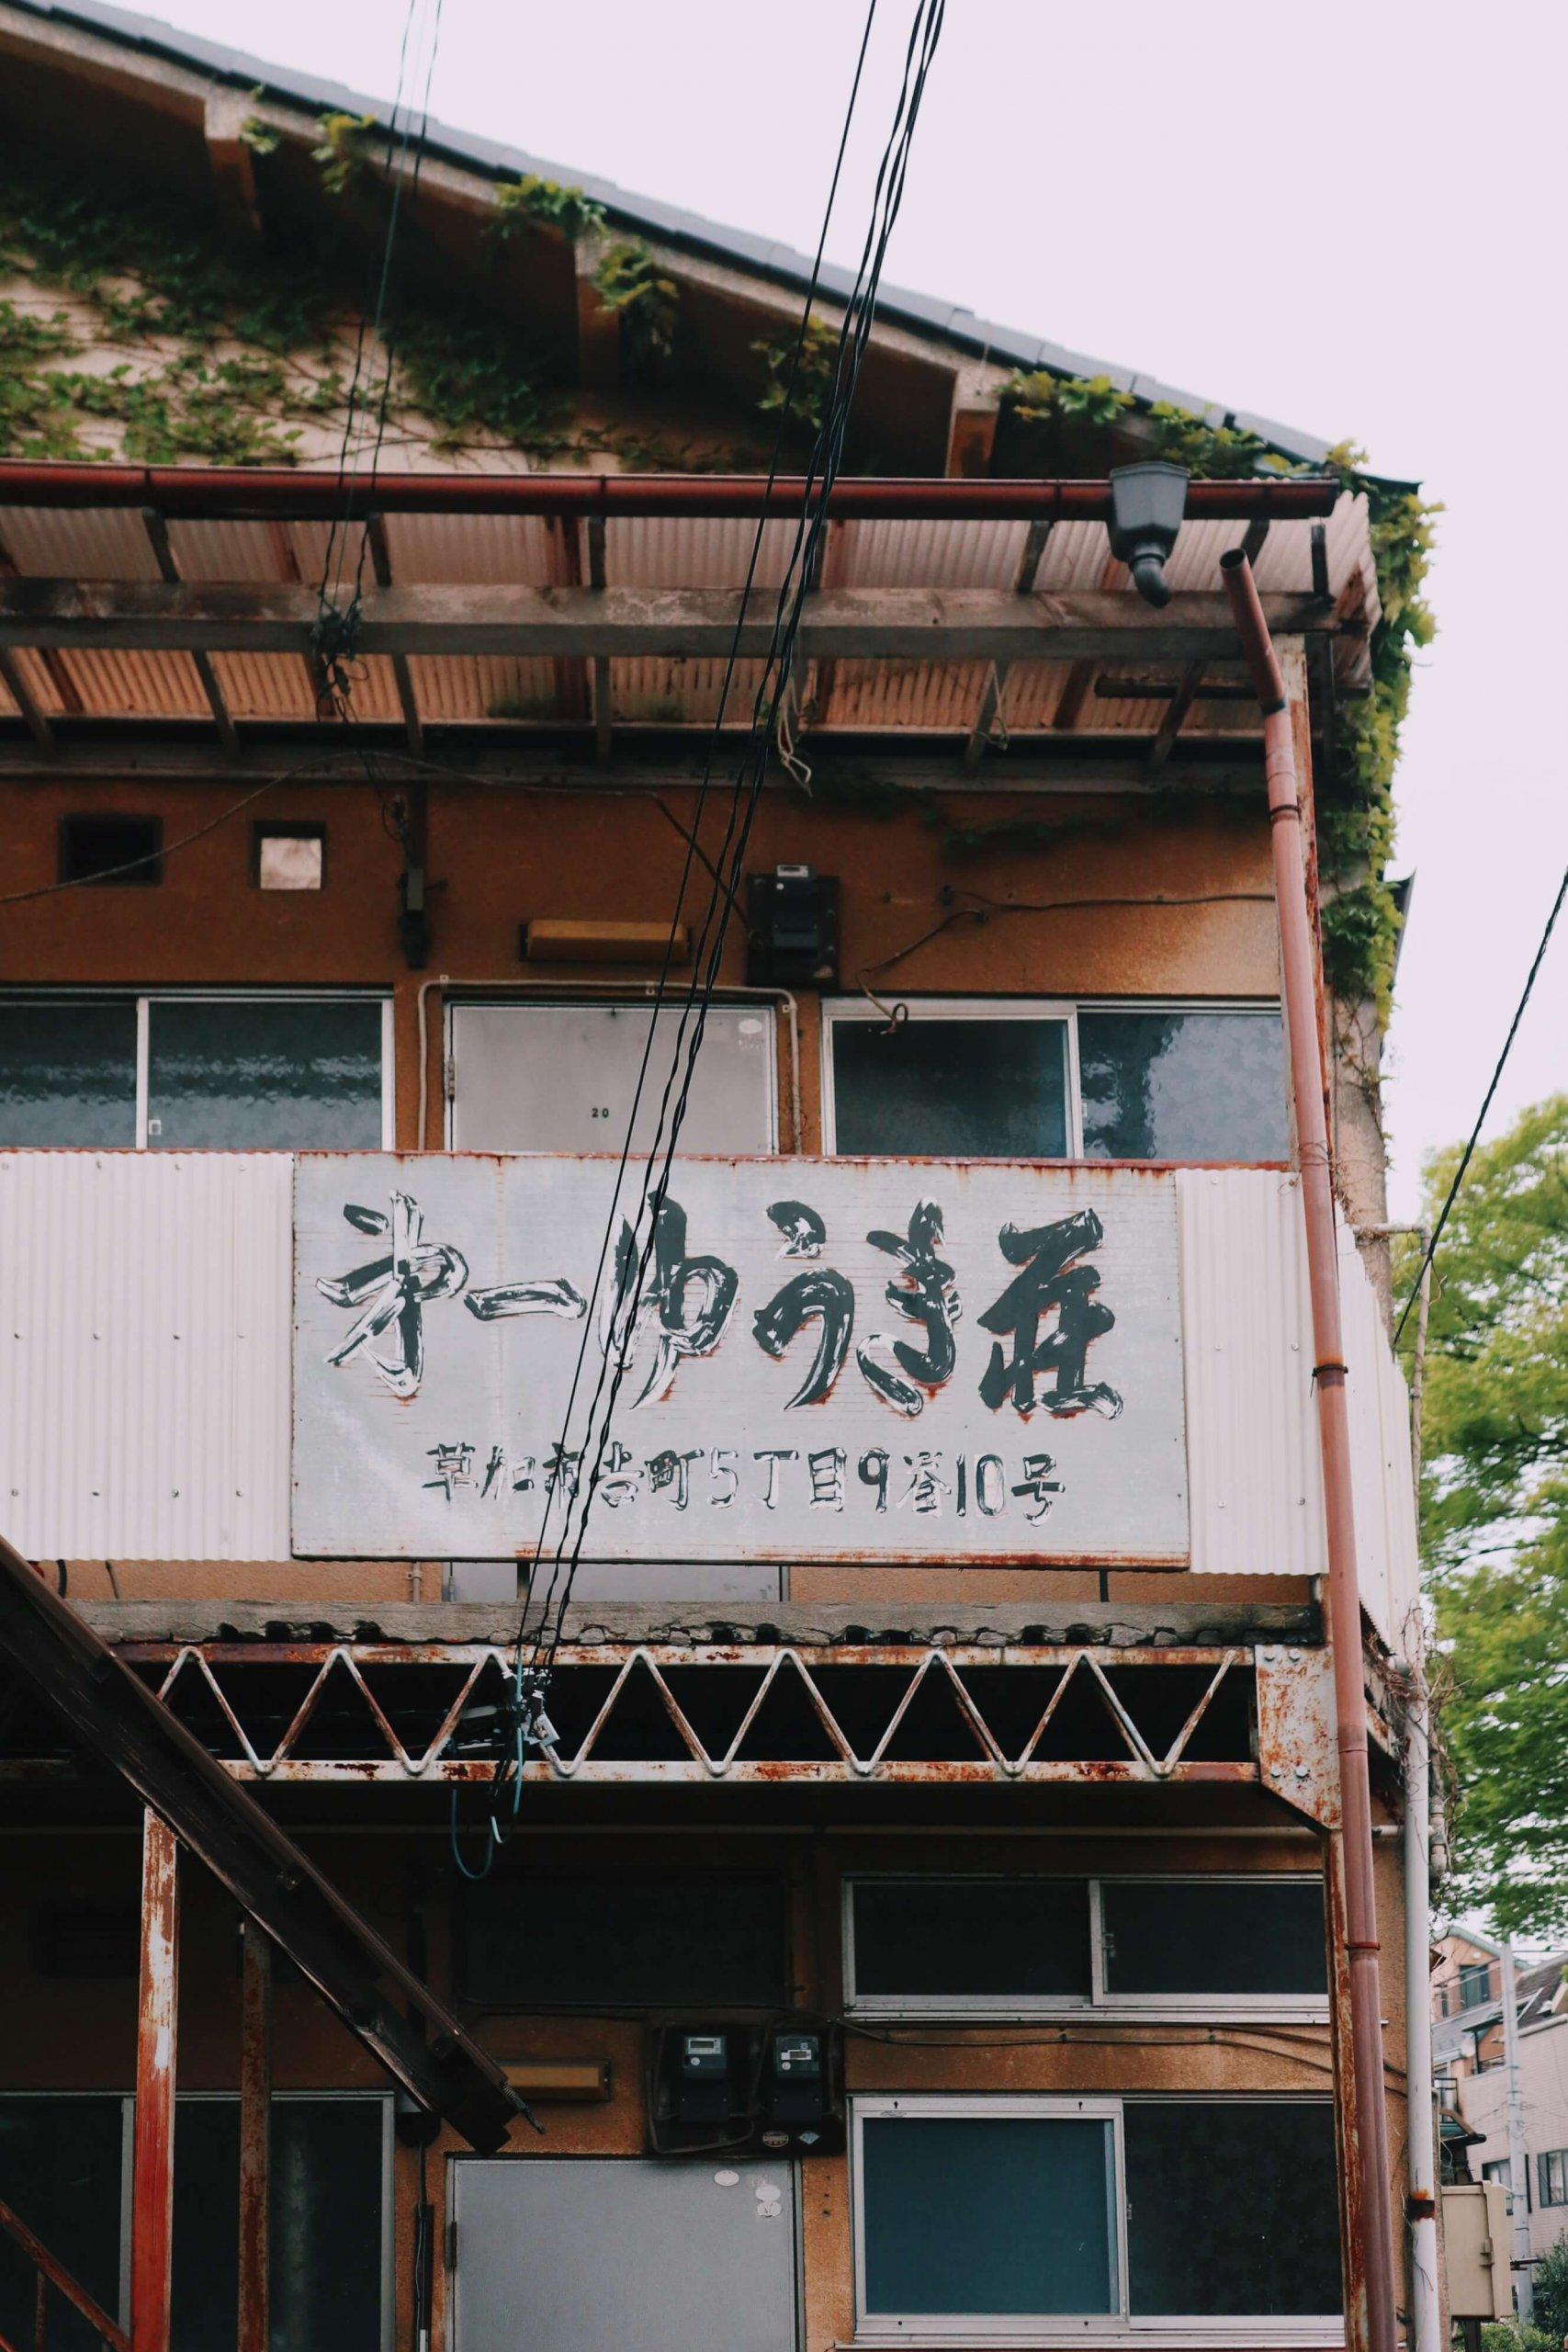 ローカルWEBメディア・地域サイト 草加ローカルストーリー 草加カメラ部 草加告知 写真01